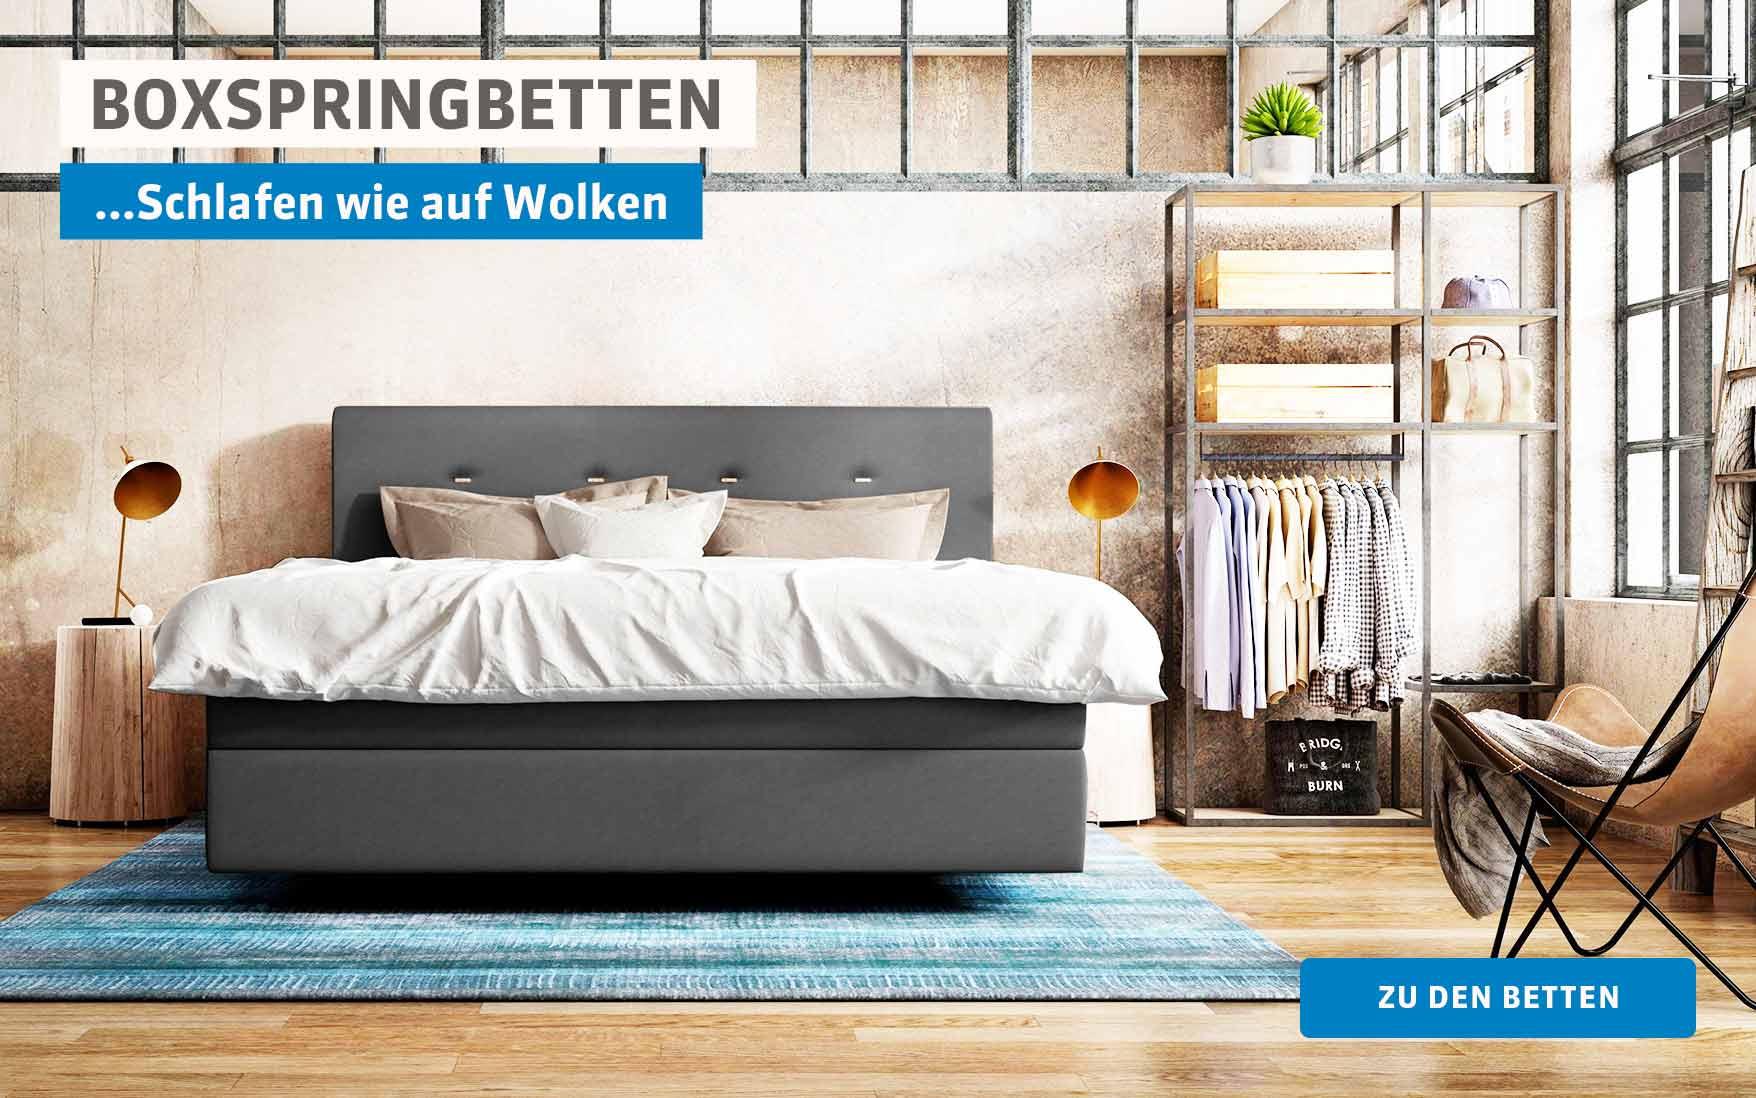 Full Size of Schlafwelt Matratzen Betten Günstig Kaufen Boxspring Flexa Schramm Tempur Wohnwert Mannheim Massivholz 160x200 Sofa Ottomane 90x200 Wohnzimmer Otto Betten